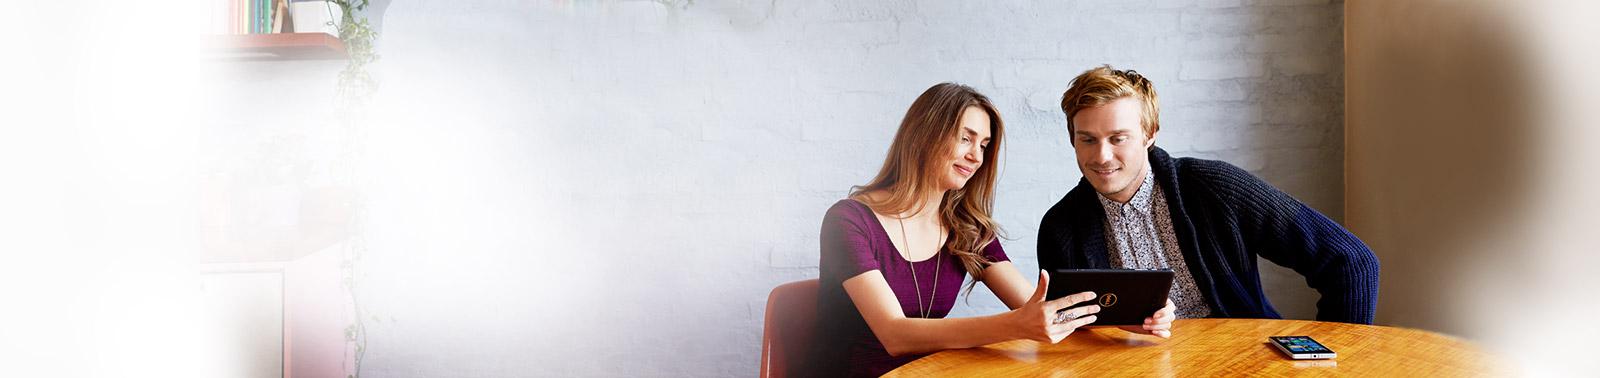 Μια γυναίκα που κάθεται σε ένα τραπέζι, κρατά ένα tablet και το δείχνει σε έναν άνδρα δίπλα της.